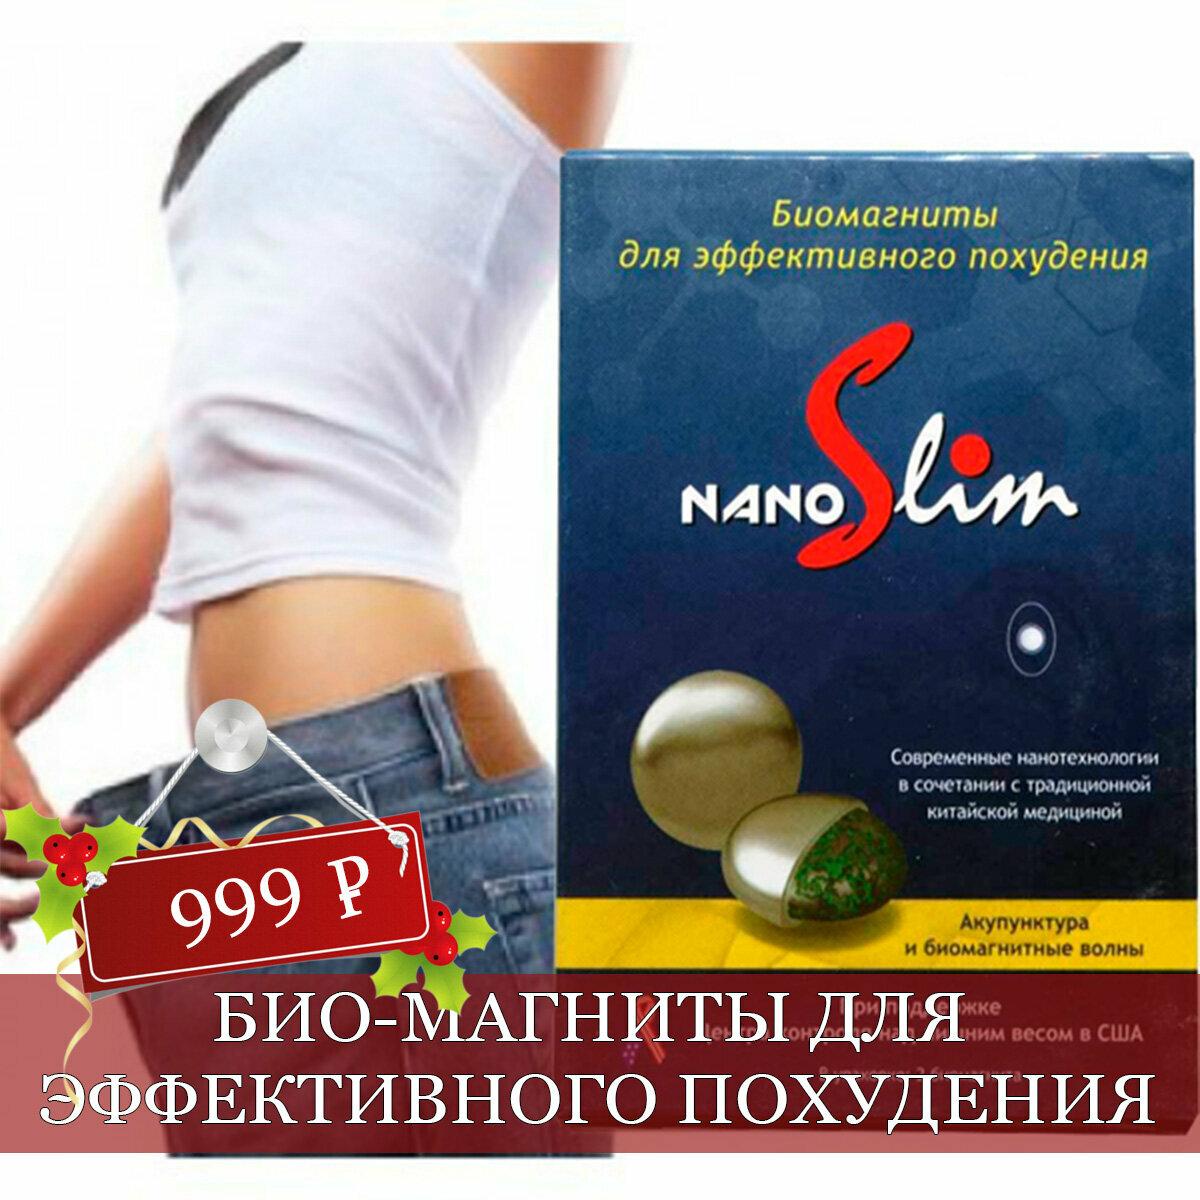 Средство Для Похудения Советы. 10 препаратов для похудения. Таблетки для похудения – группа препаратов